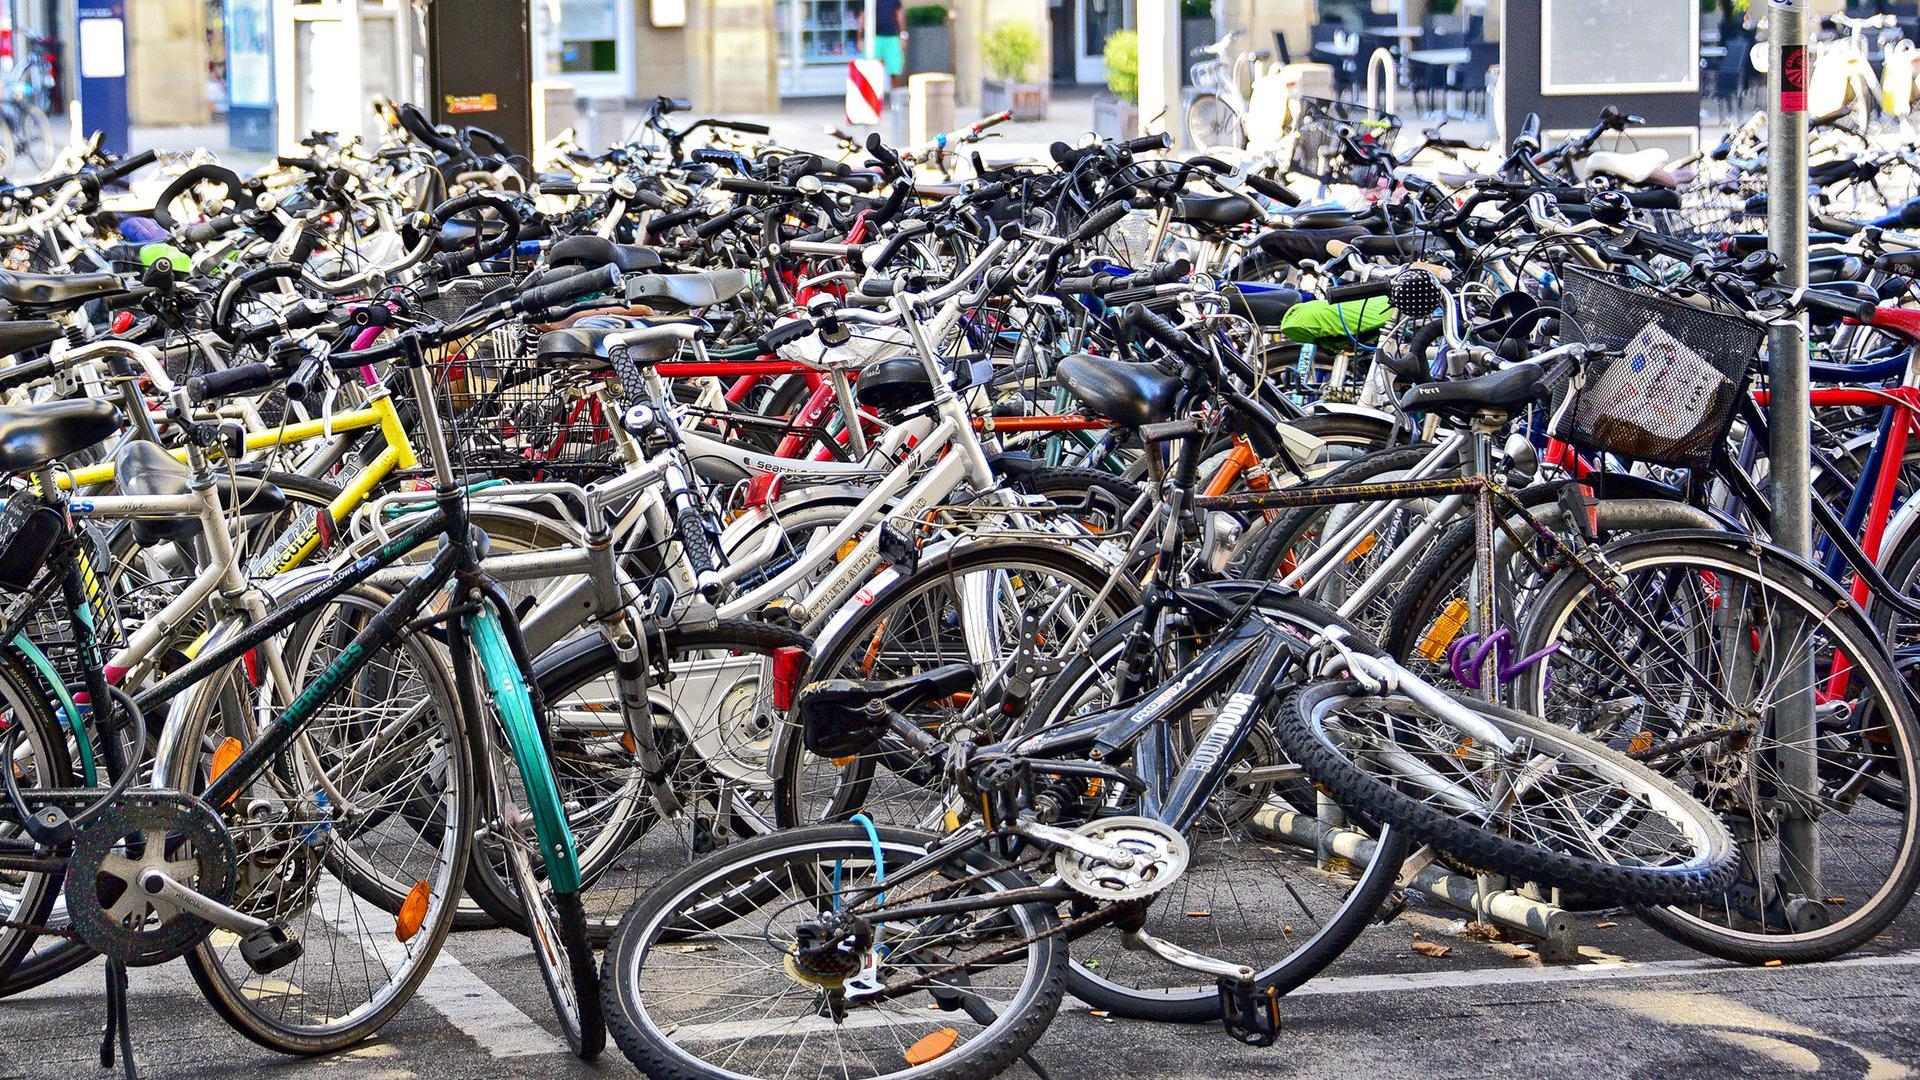 Wild geparkt: Am Hauptbahnhof wird deutlich, dass es trotz der vielen Abstellmöglichkeiten noch immer Bedarf gibt.